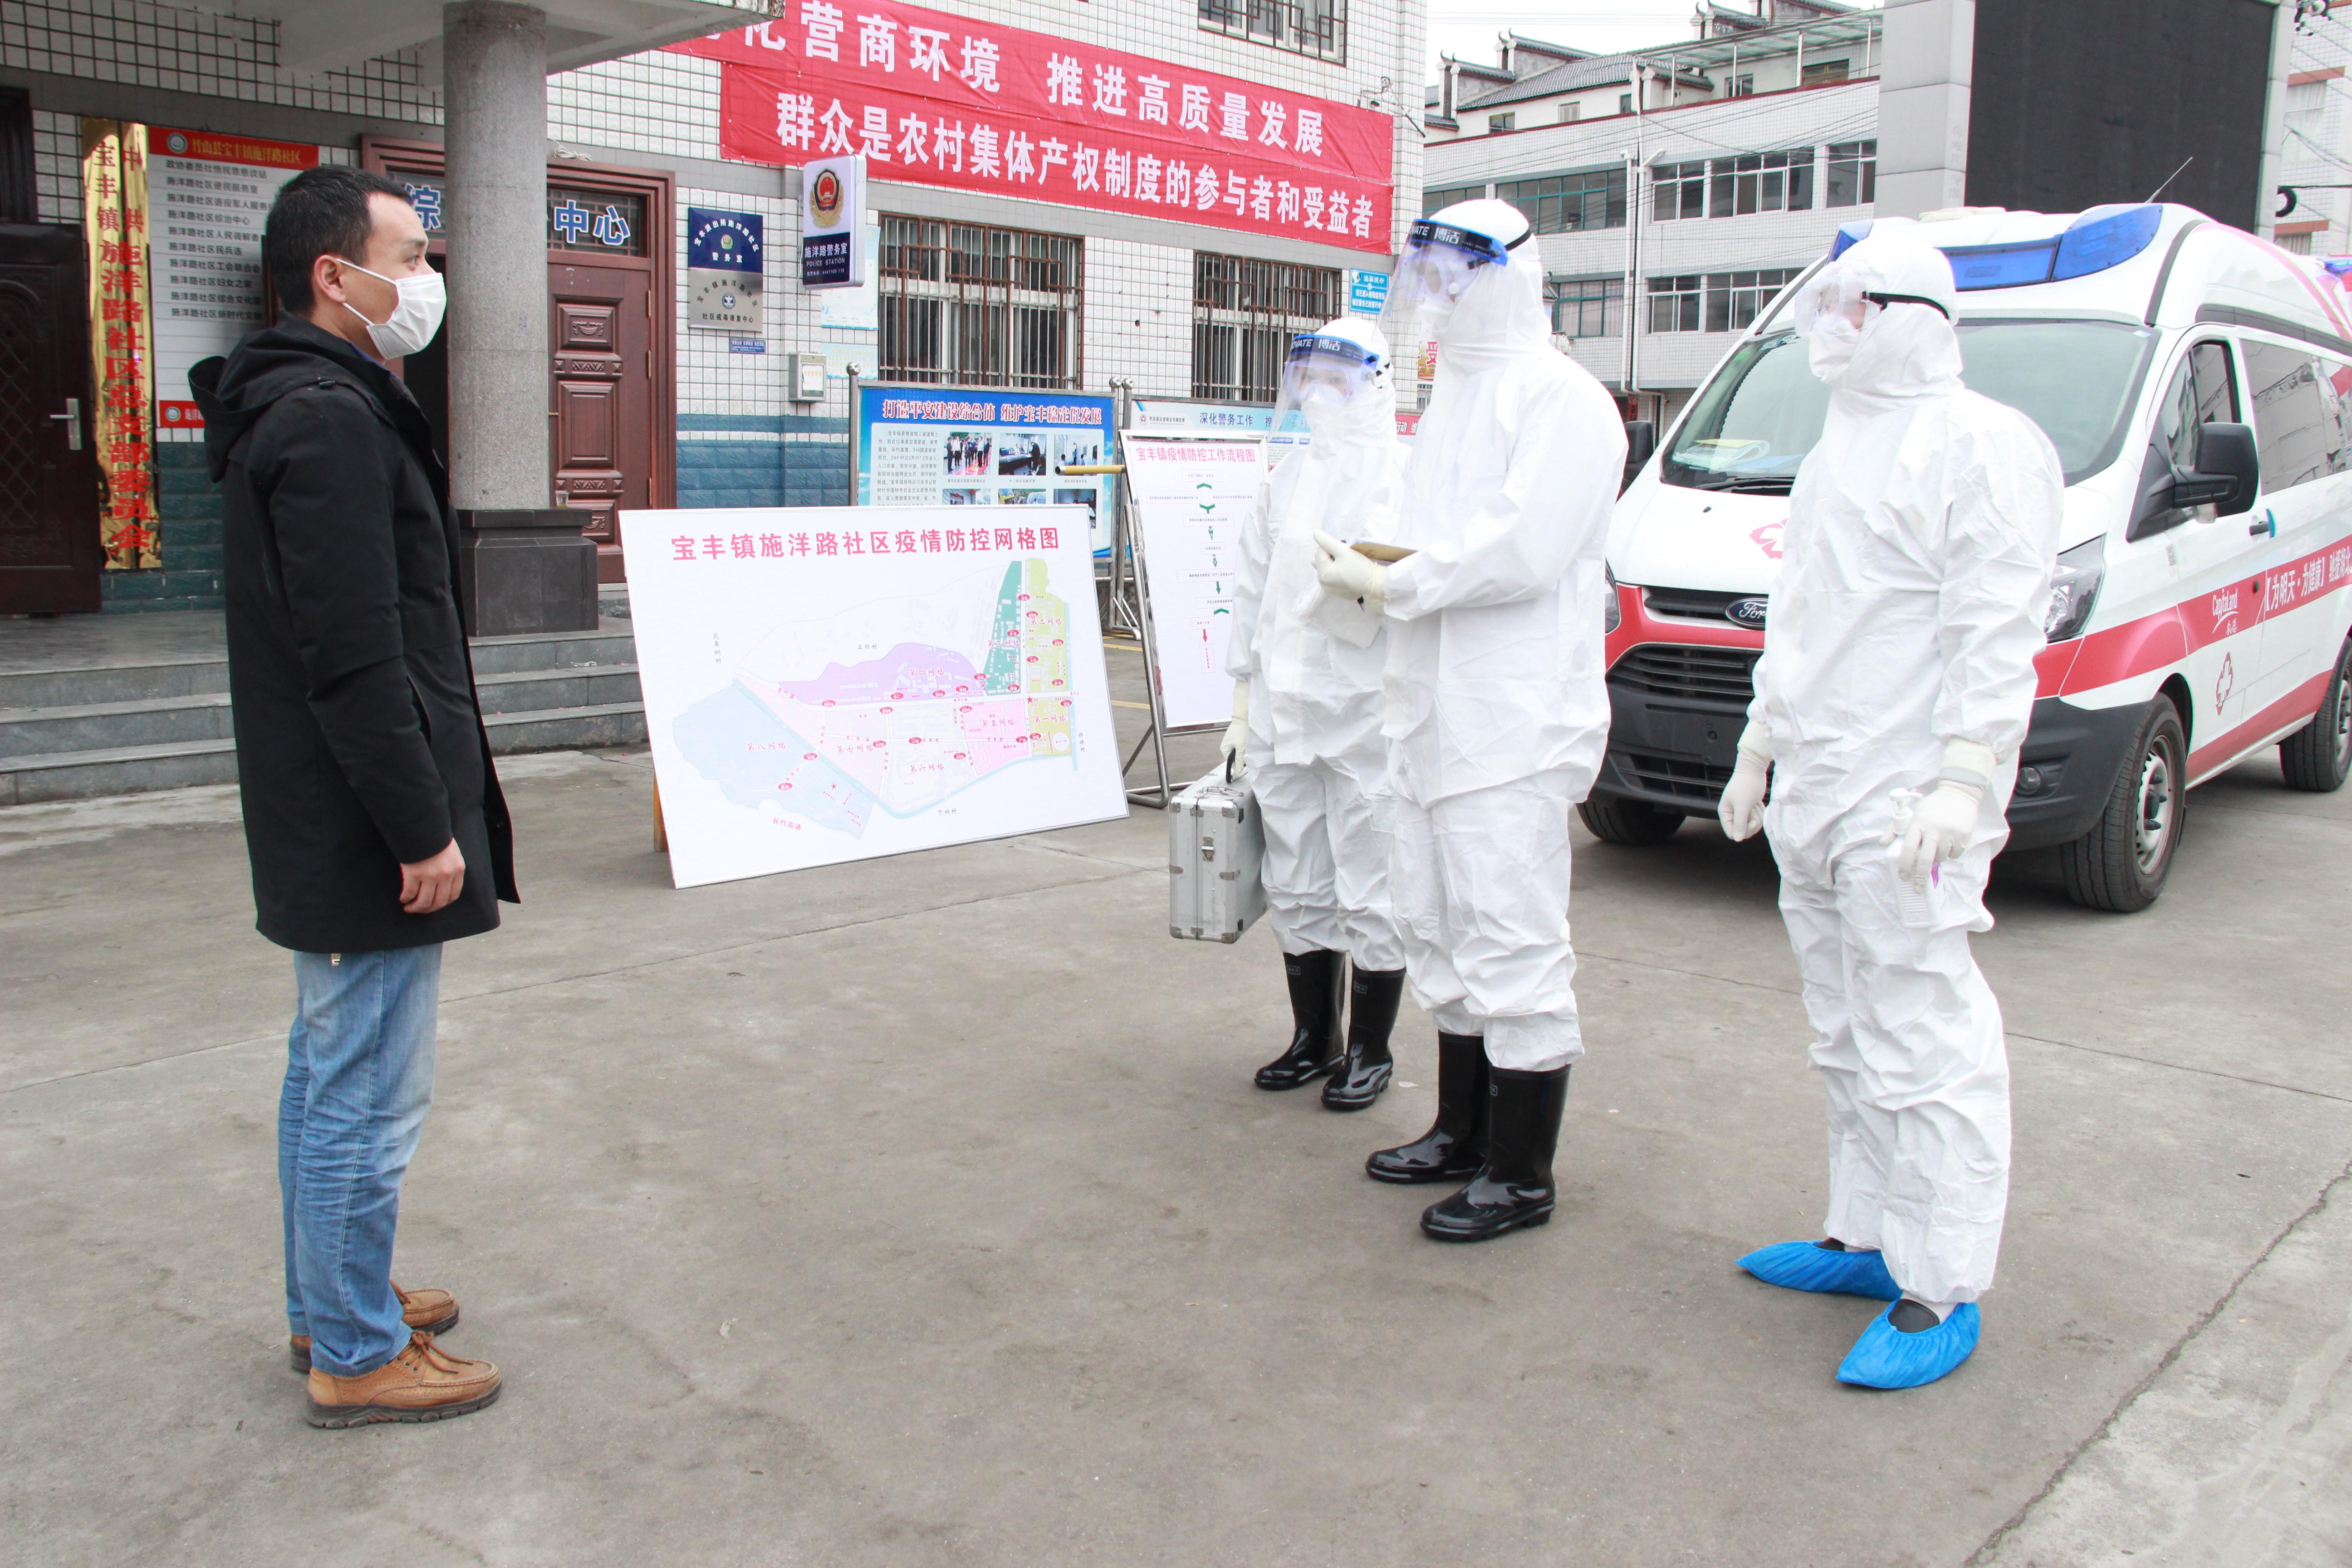 竹山县第二人民医院强化应急演练